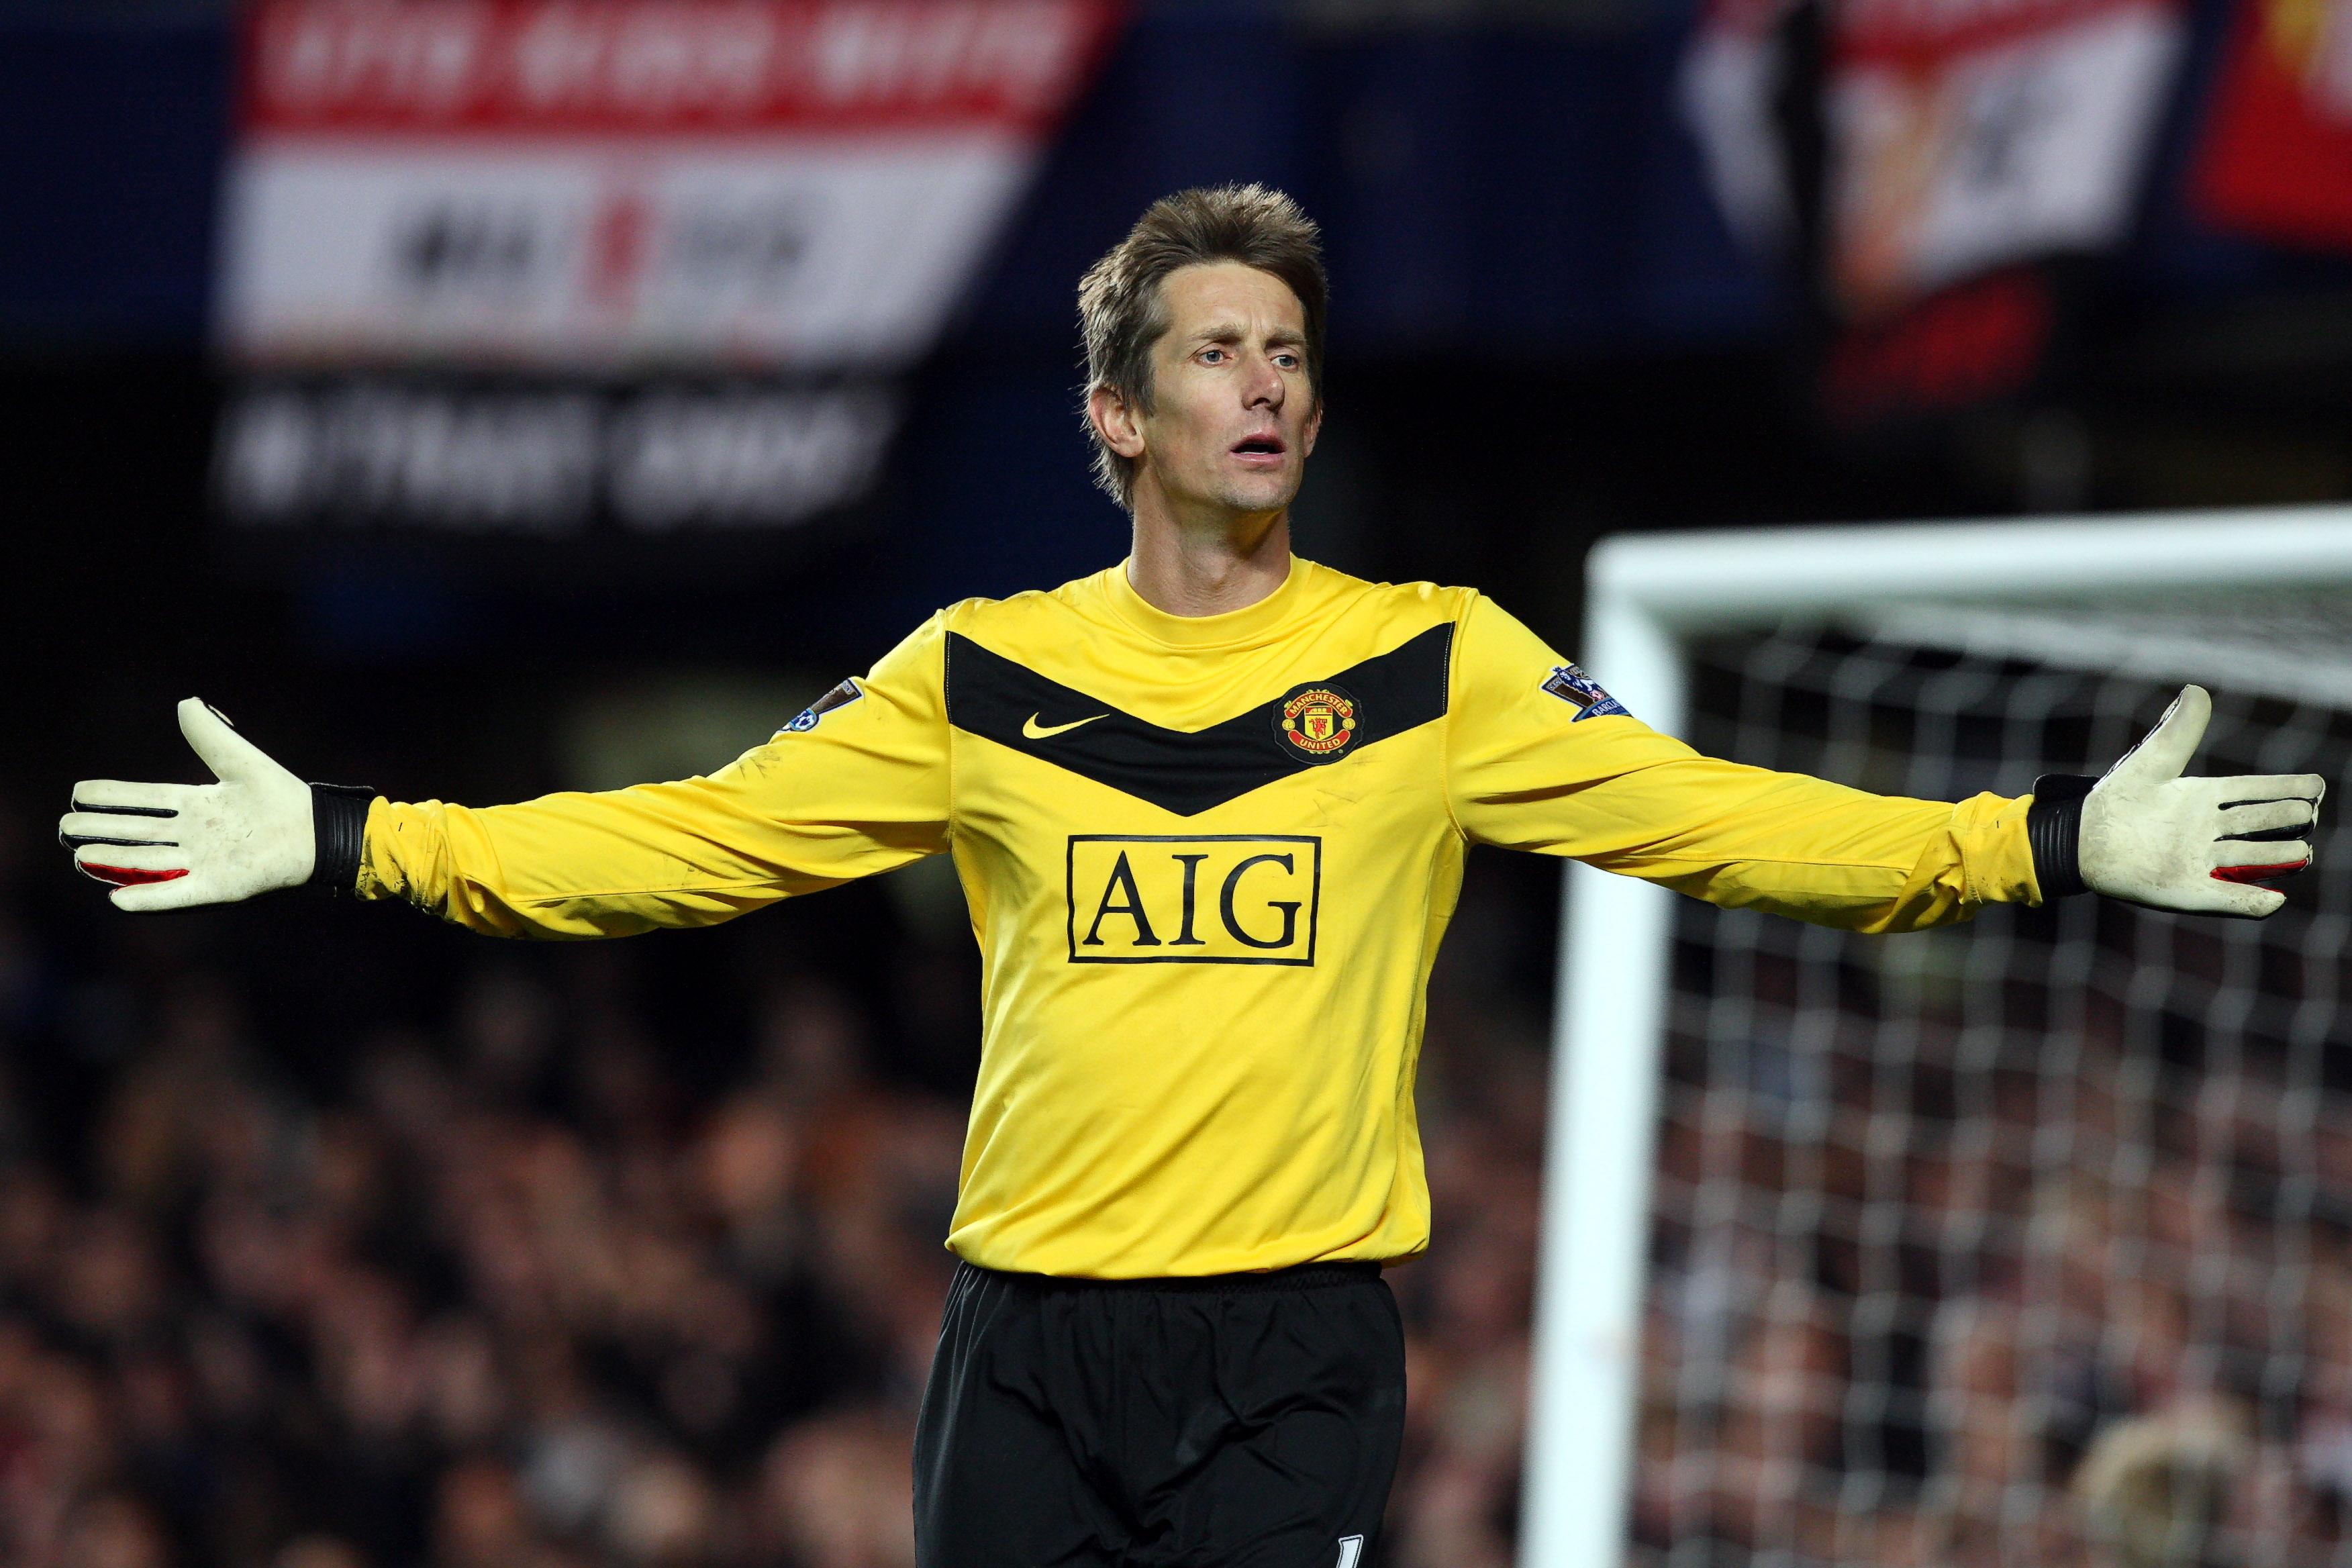 Van der Sar regresará del retiro para volver a jugar a sus ¡45 años!